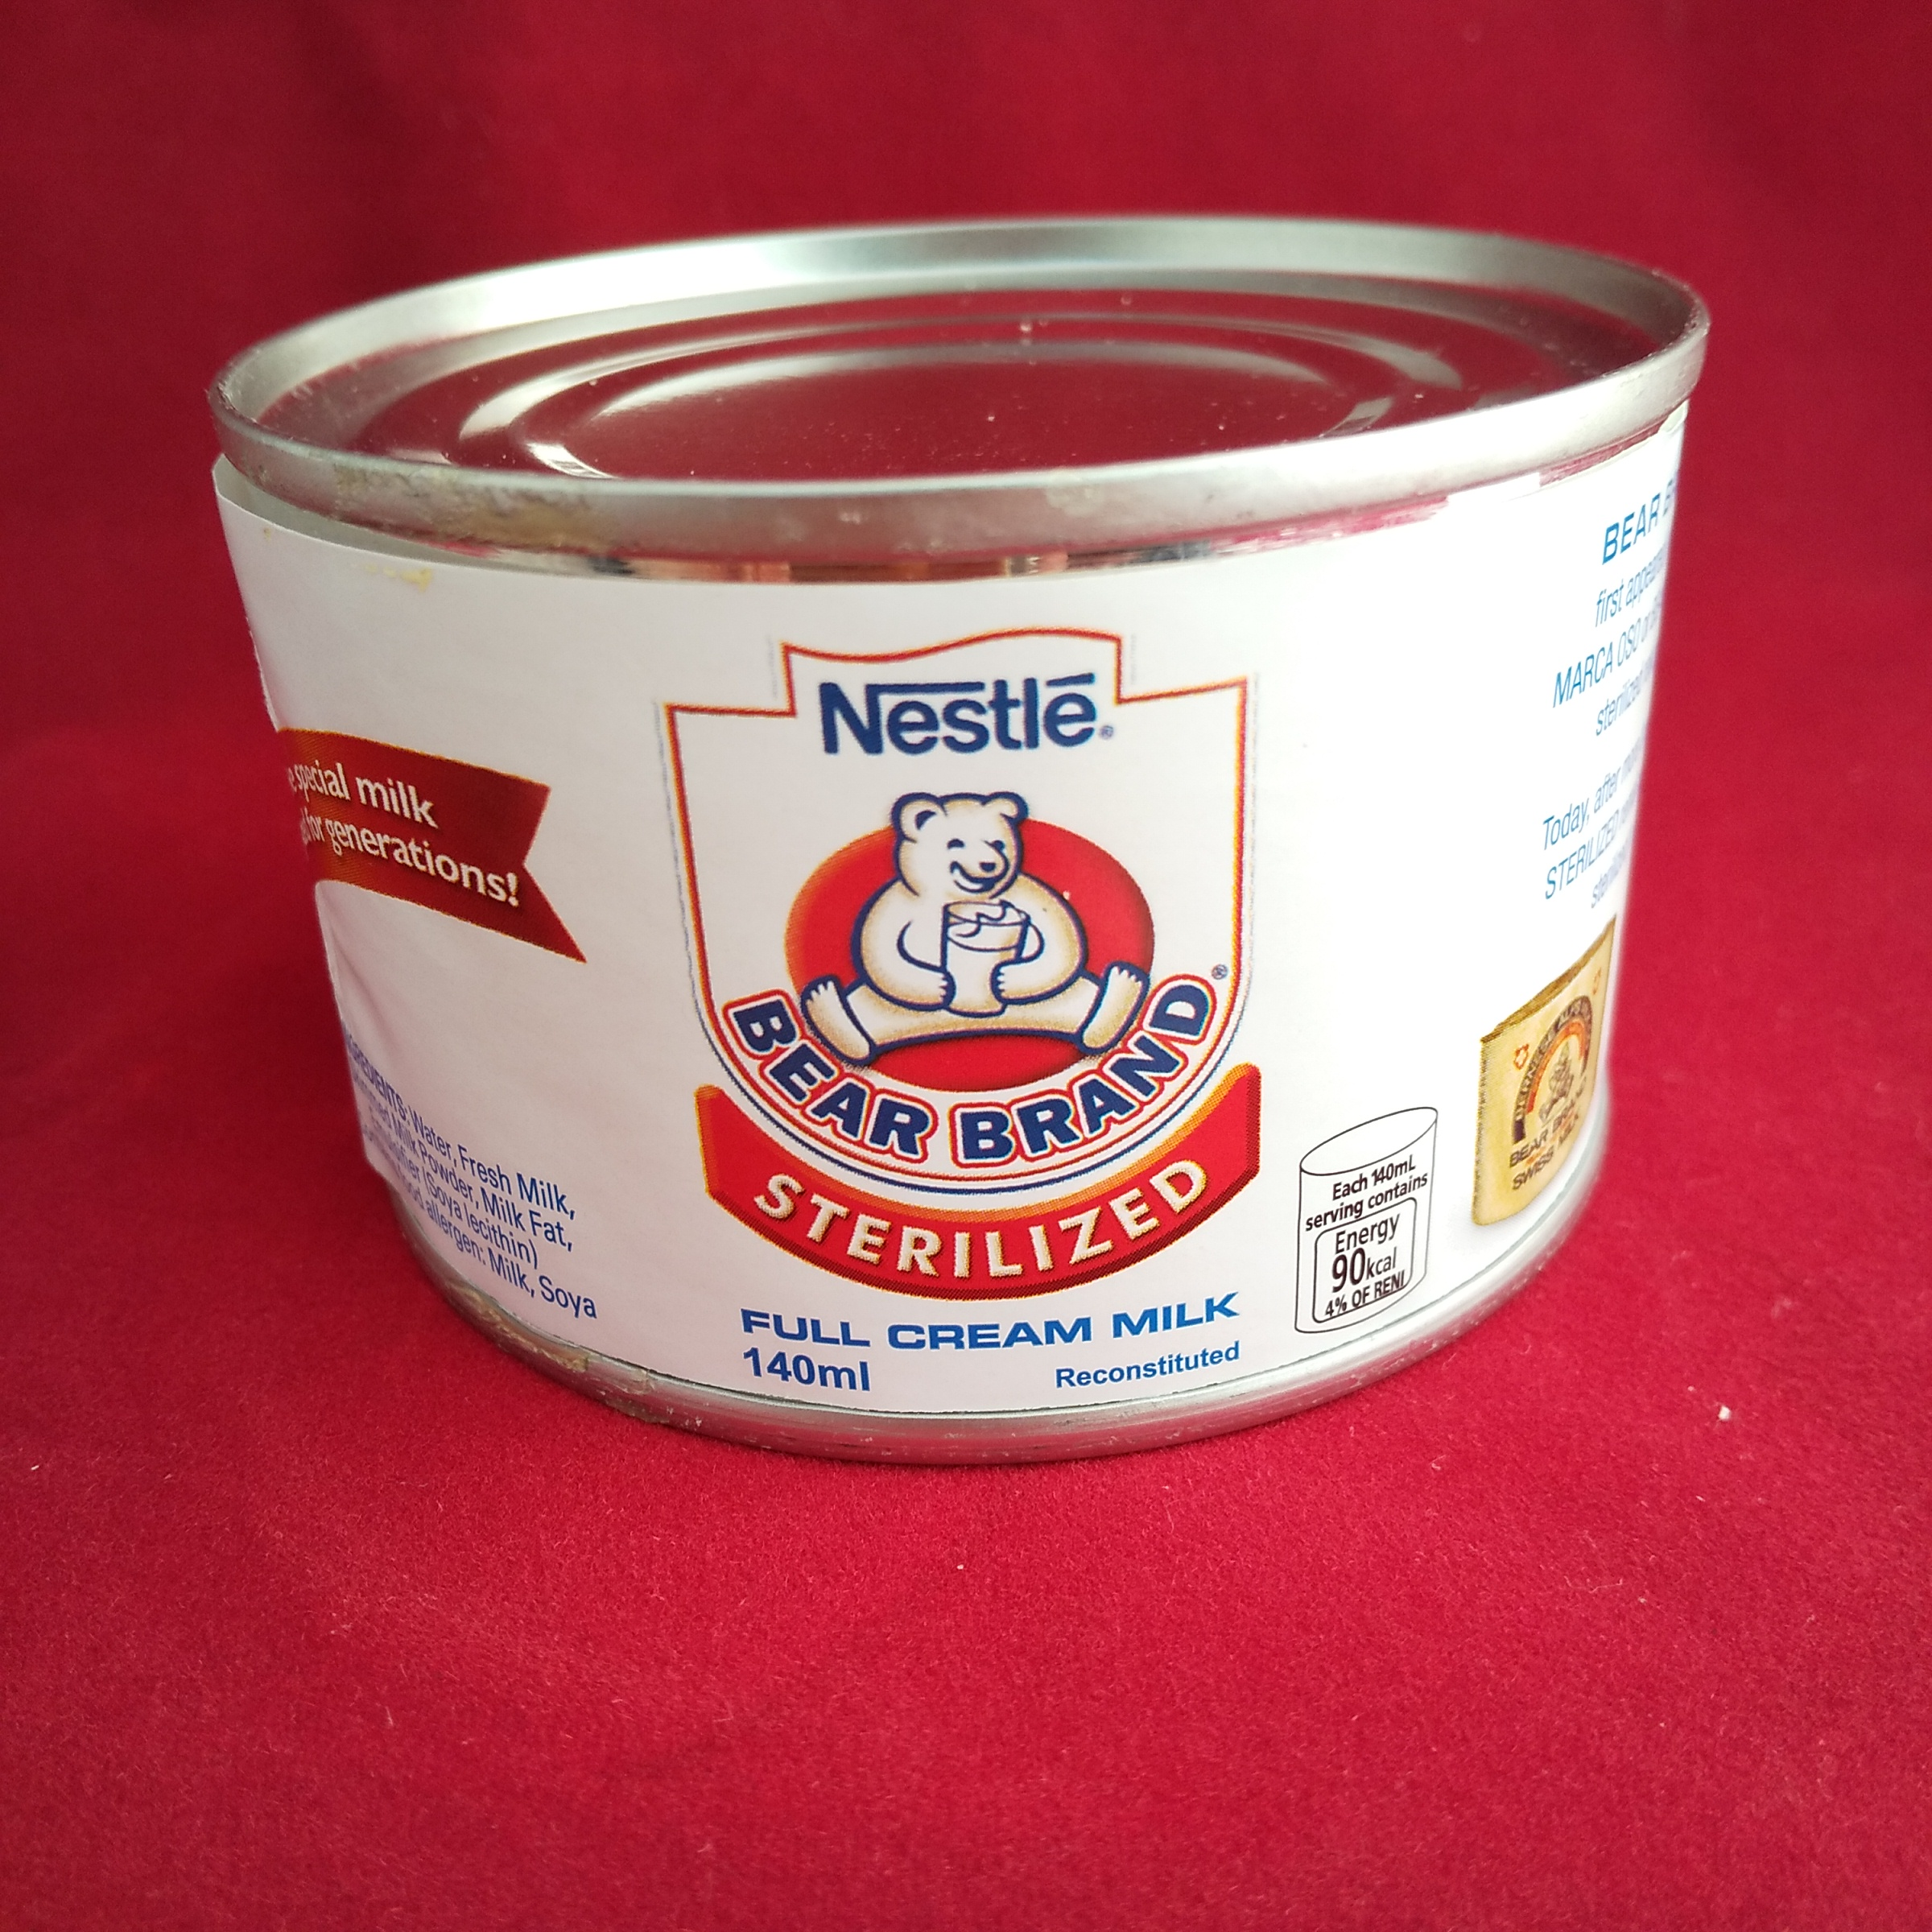 タイ食材専門店 人気 おすすめ Thai Food お求めやすく価格改定 Sterilized Milk Bear タイ産 ネスレ 製菓材料 ケース売り Brand 製パン材料 お菓子作り 滅菌牛乳 140g×1缶